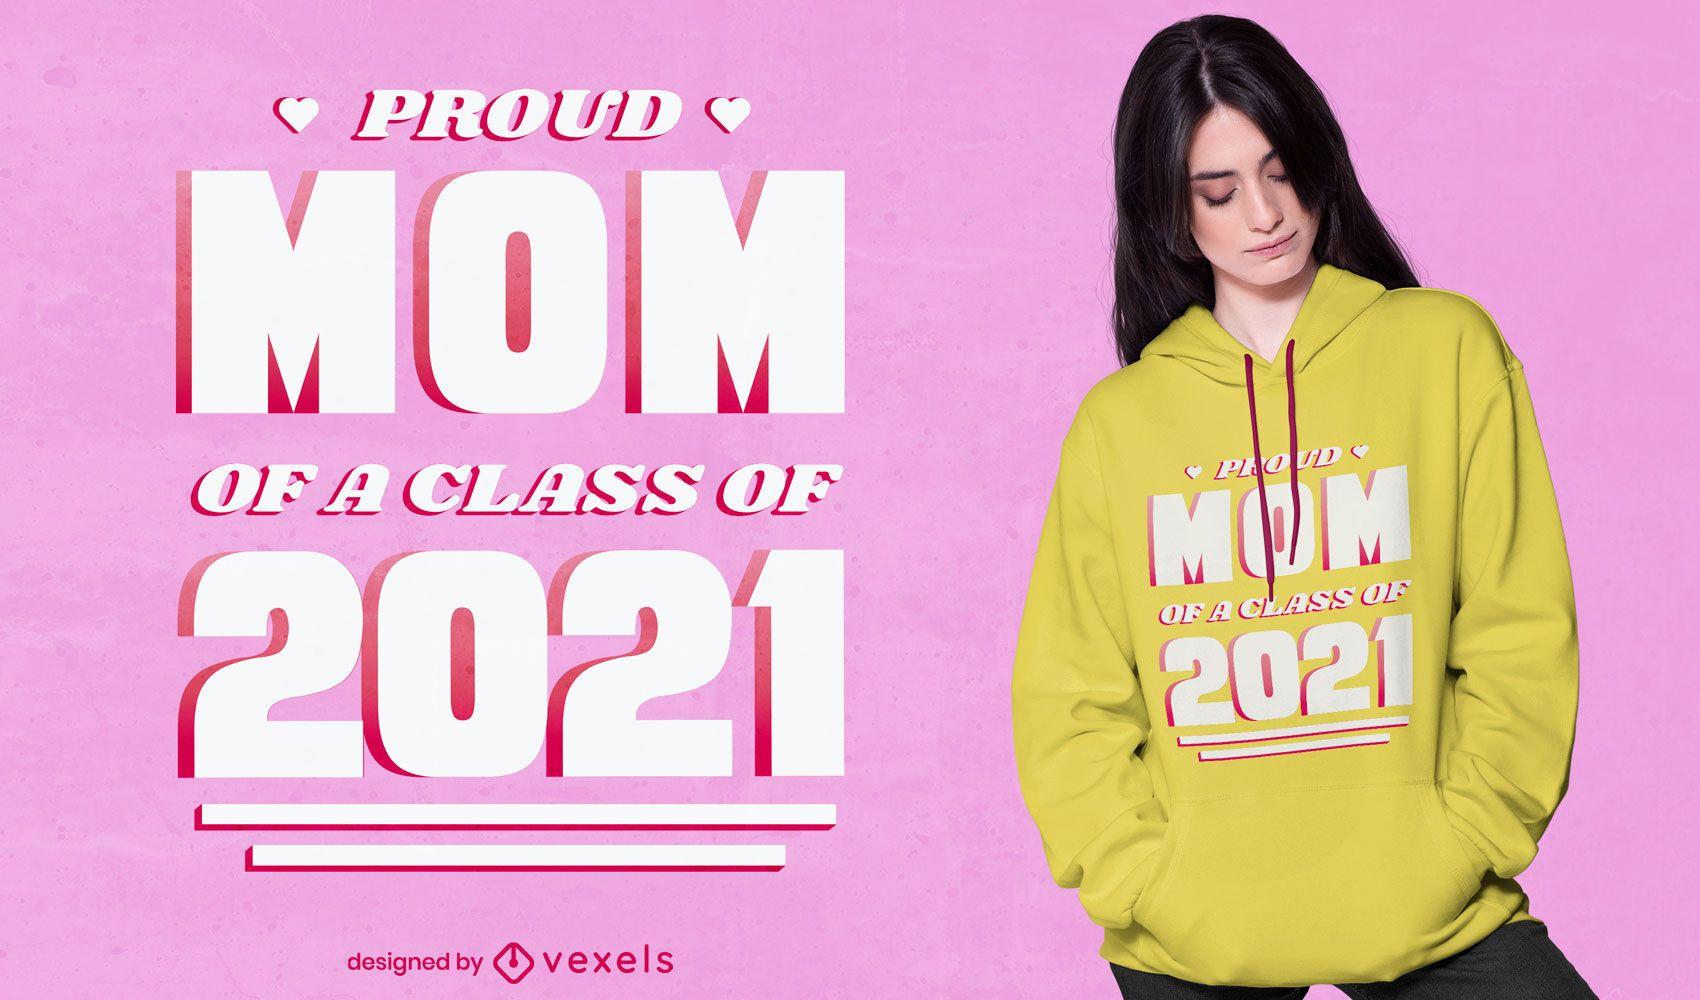 Proud mom 2021 quote t-shirt design